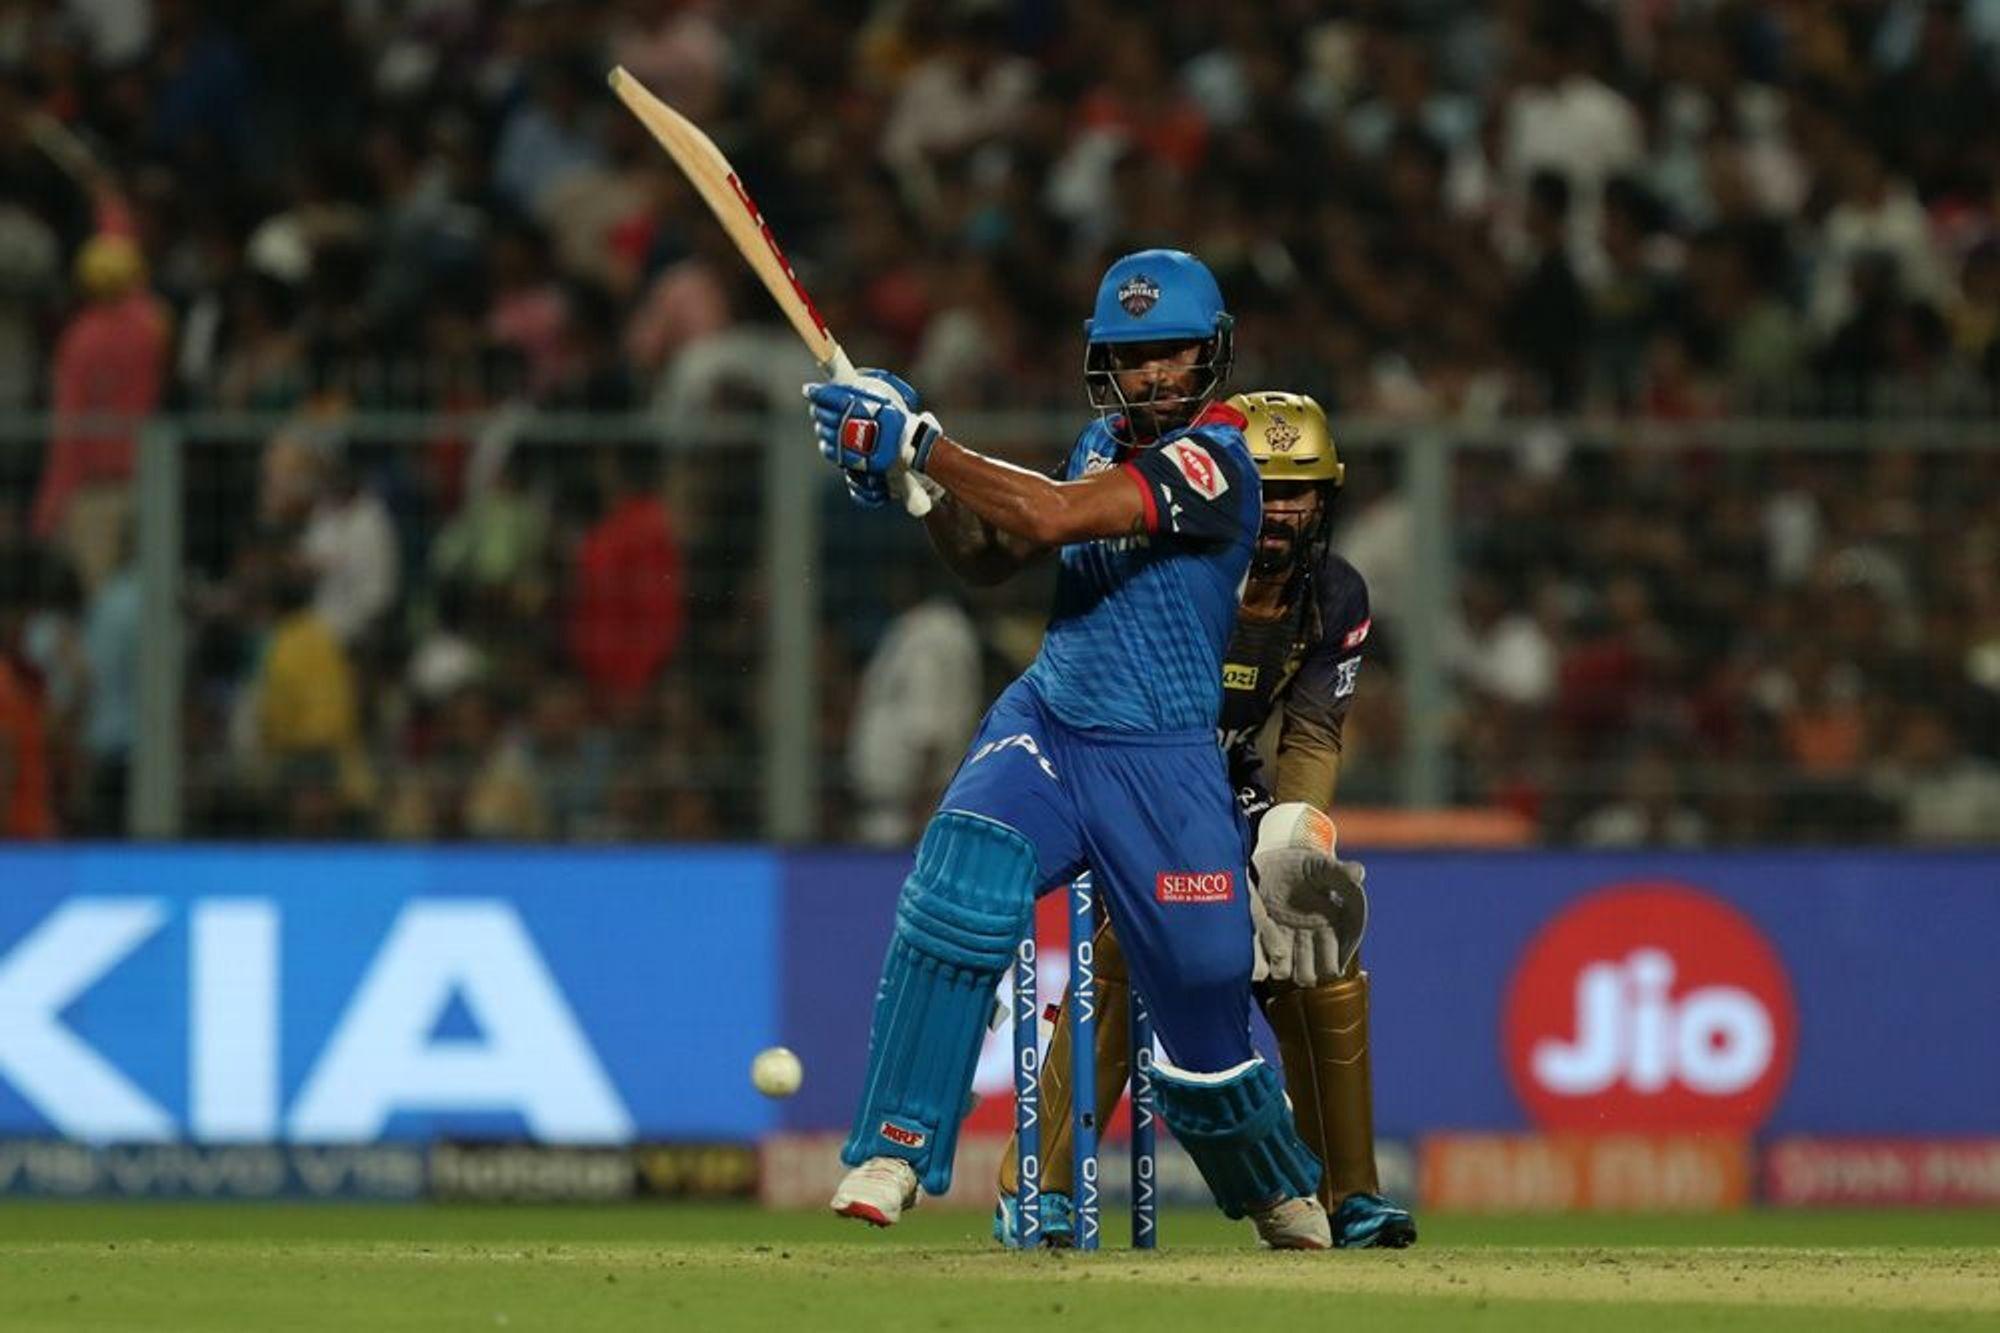 KKRvsDC: दिल्ली कैपिटल्स को जीत दिलाकर ट्विटर पर छाए शिखर धवन, इस खिलाड़ी का उड़ा मजाक 1